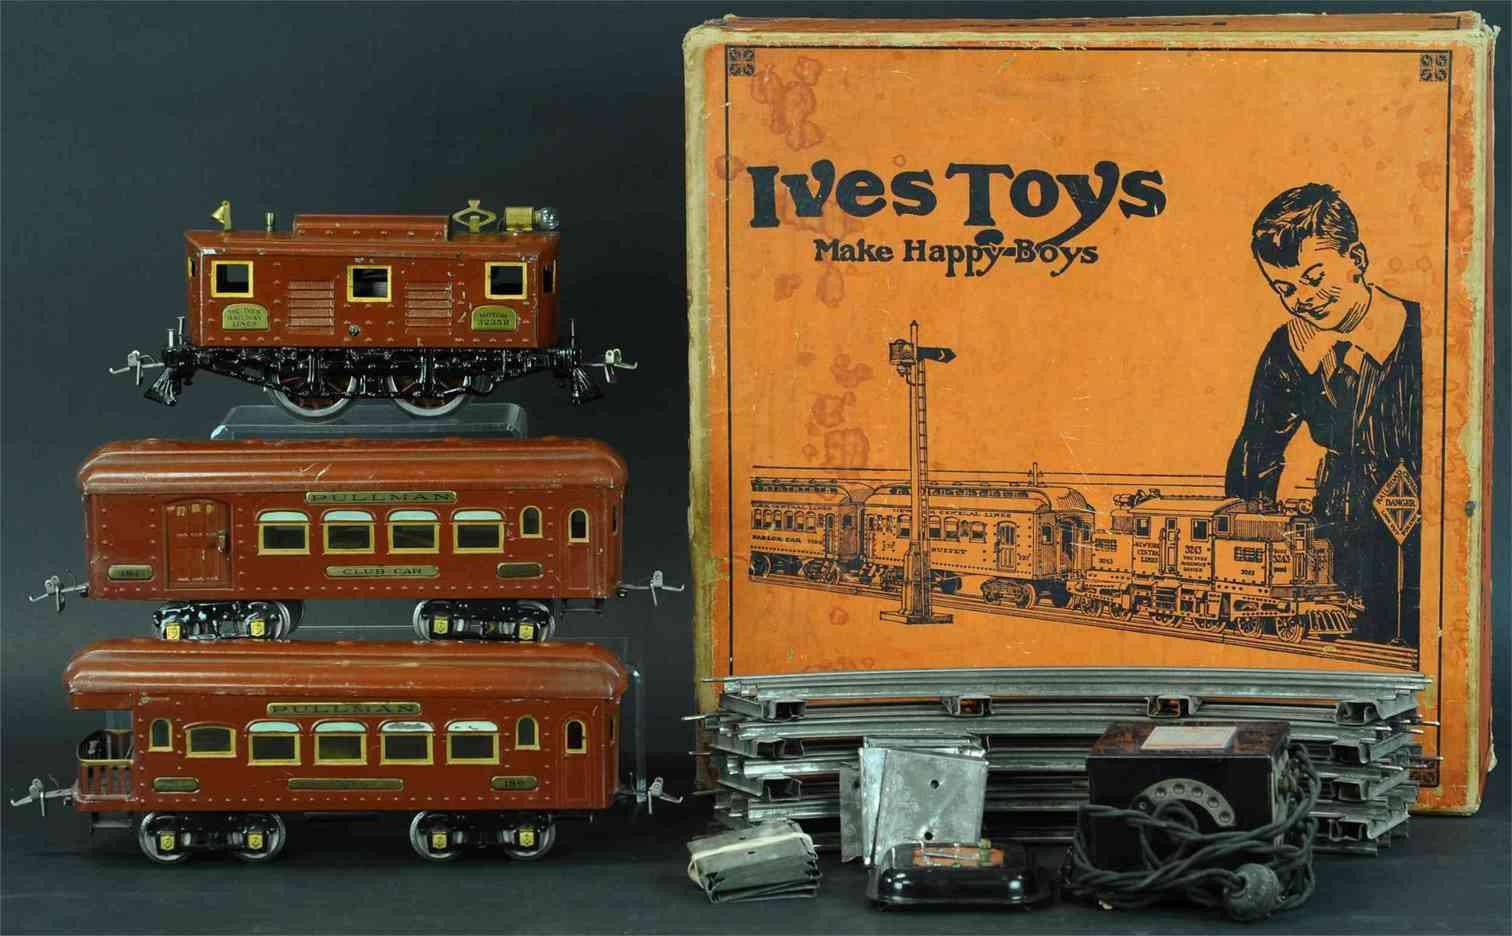 ives set-nr. 691r personenzug braun 084 schlafwagen 186 aussichswagen wide gauge